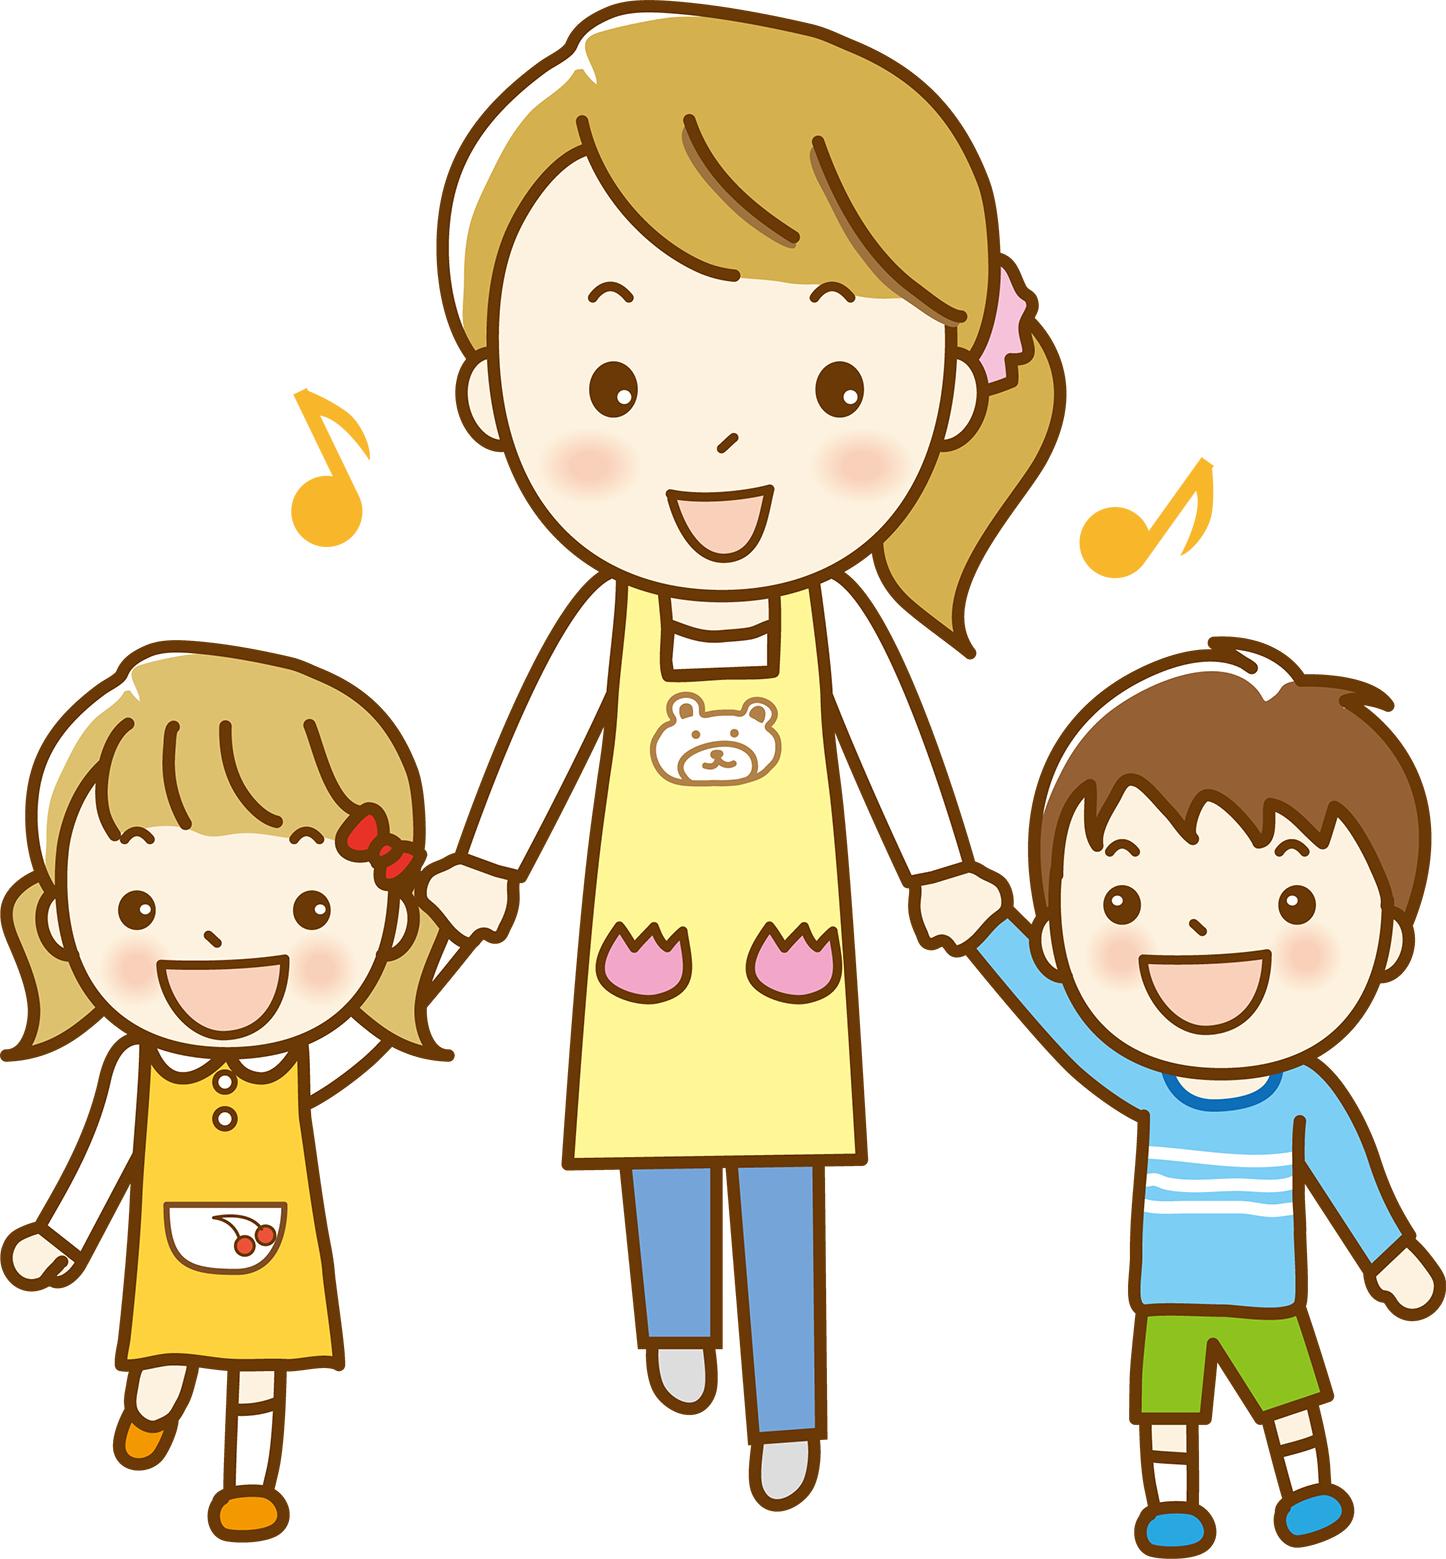 【鎌倉市//パート】放デイ/即日/パート募集!個別療育を実践♪1対1での療育を実践しませんか?